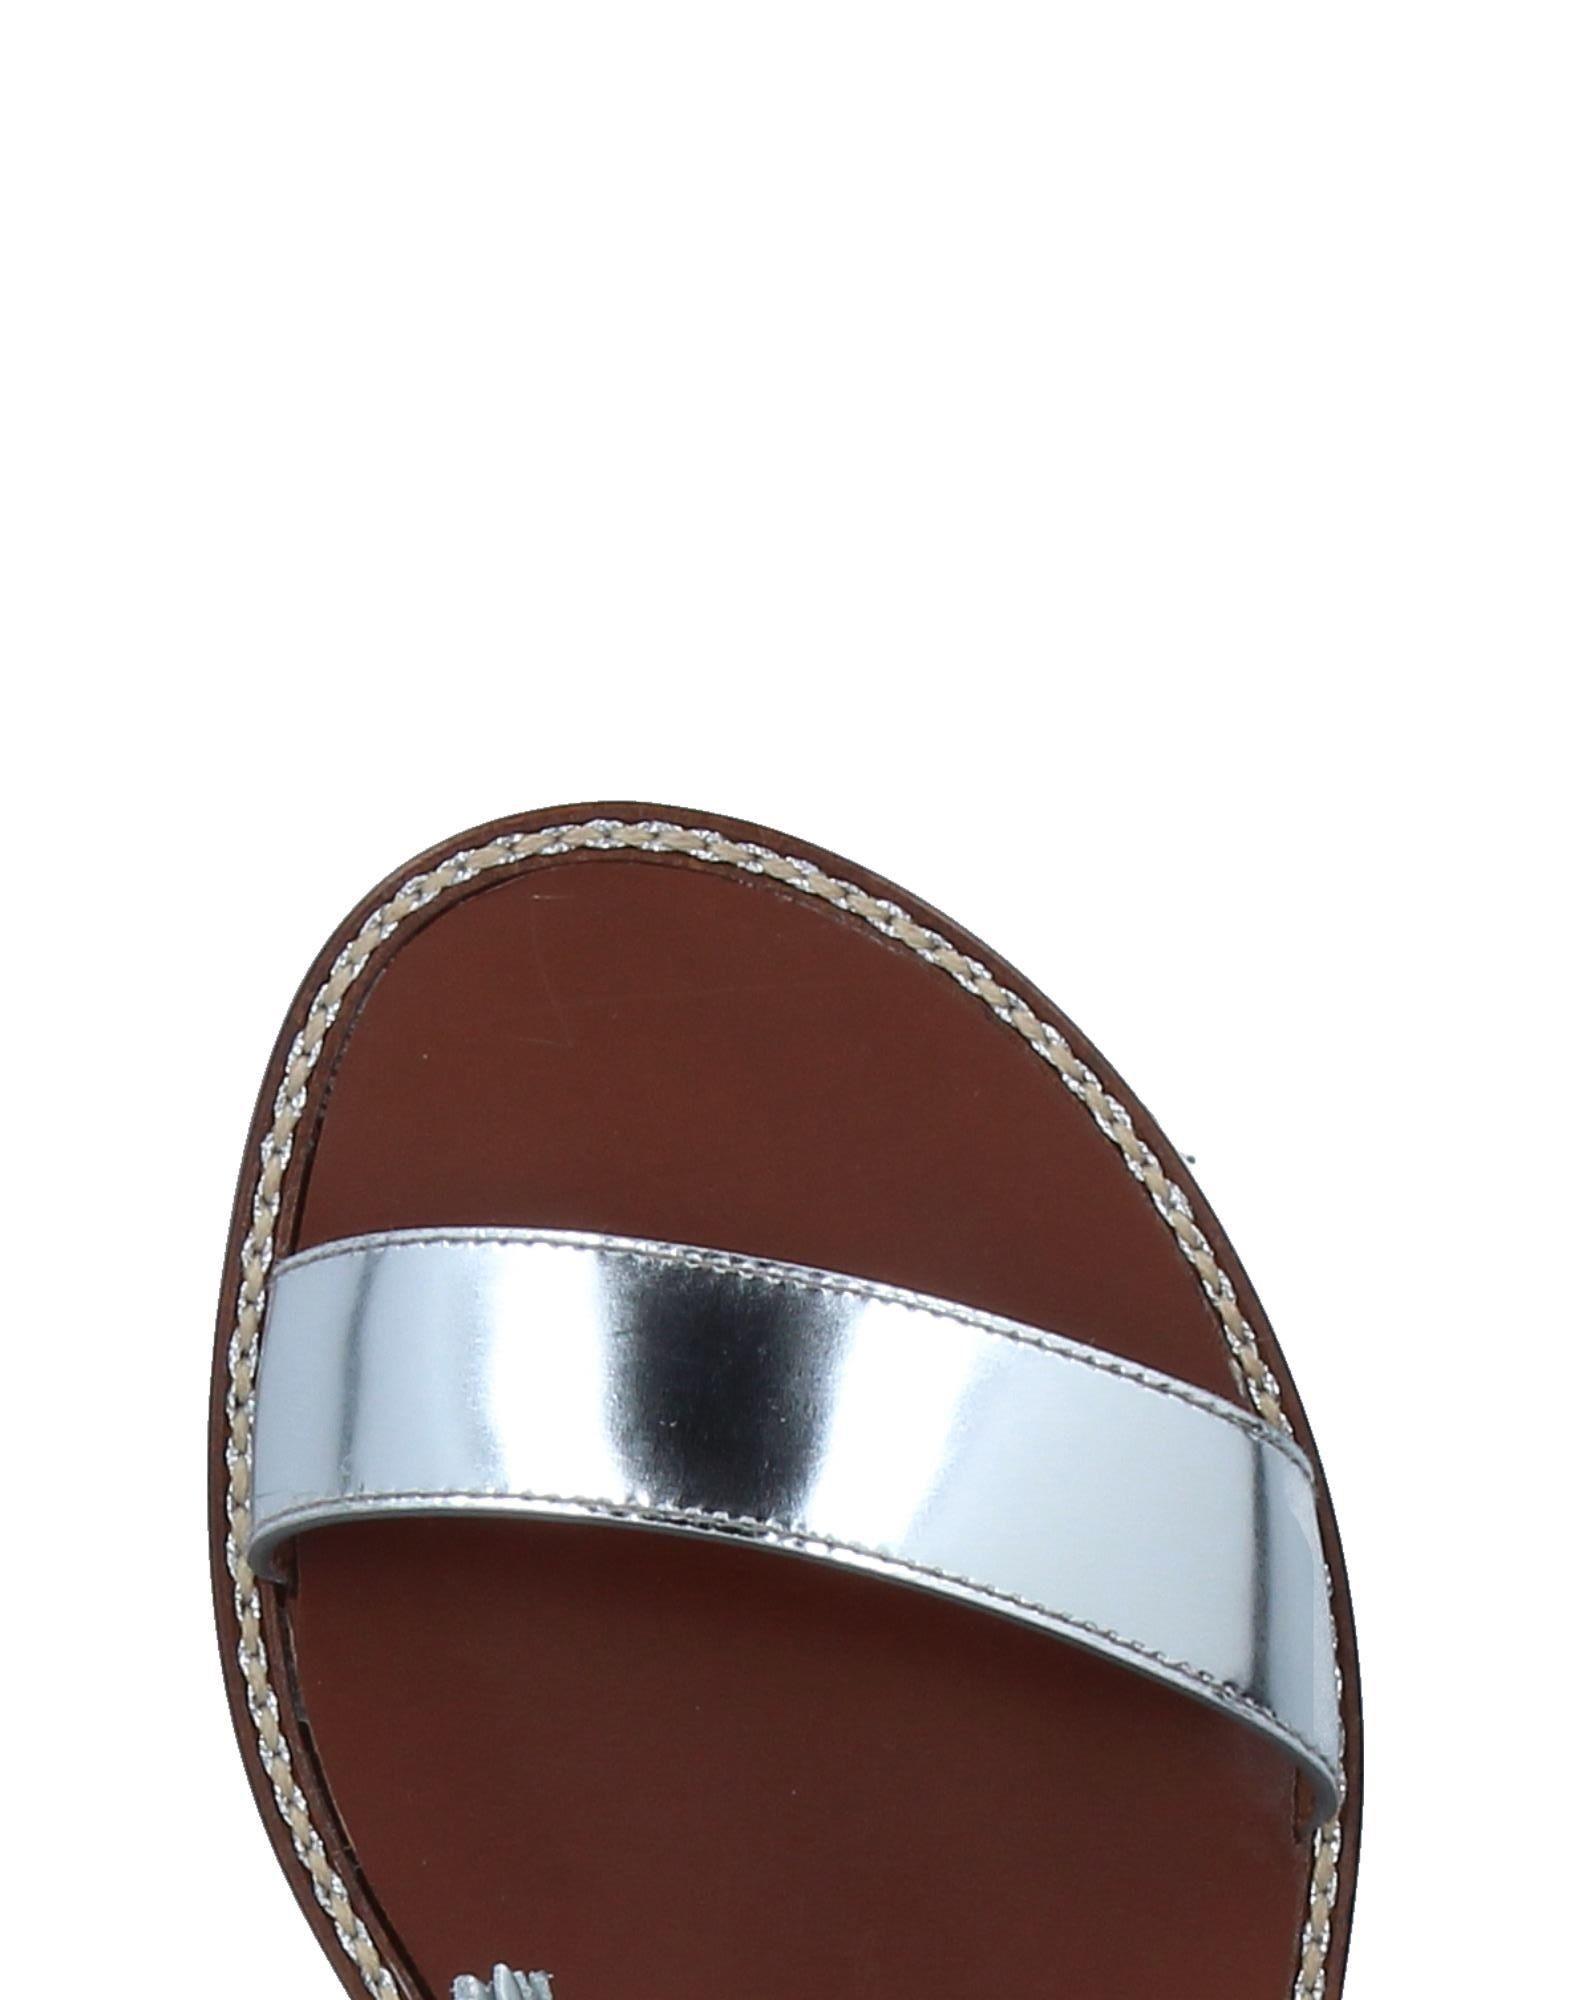 Doucal's Sandalen Damen  11407179NP beliebte Gute Qualität beliebte 11407179NP Schuhe db2fbc